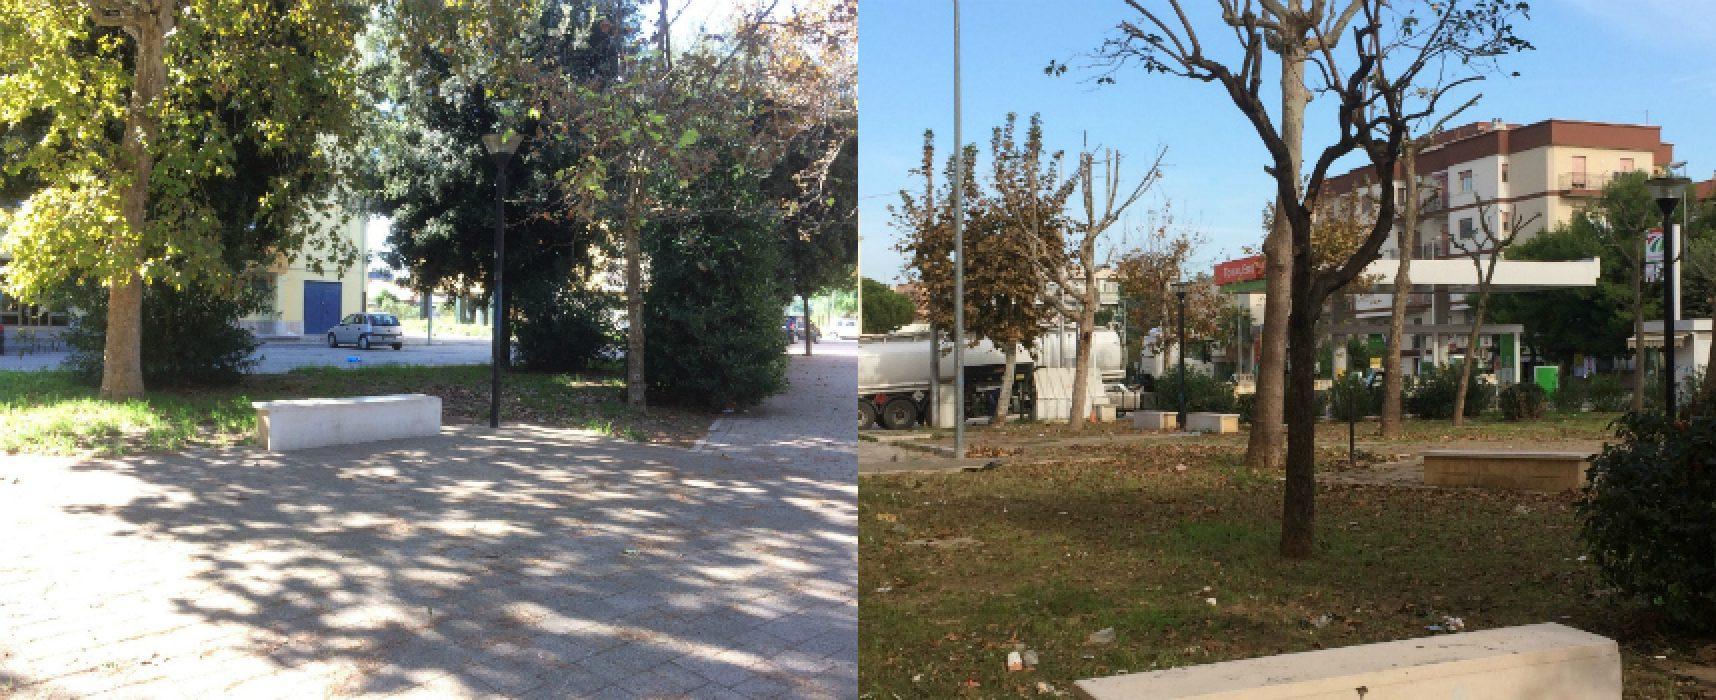 """Bisceglie 5 Stelle: """"Danneggiati 13 alberi di platano su 17 in piazza Salvo D'Acquisto"""""""